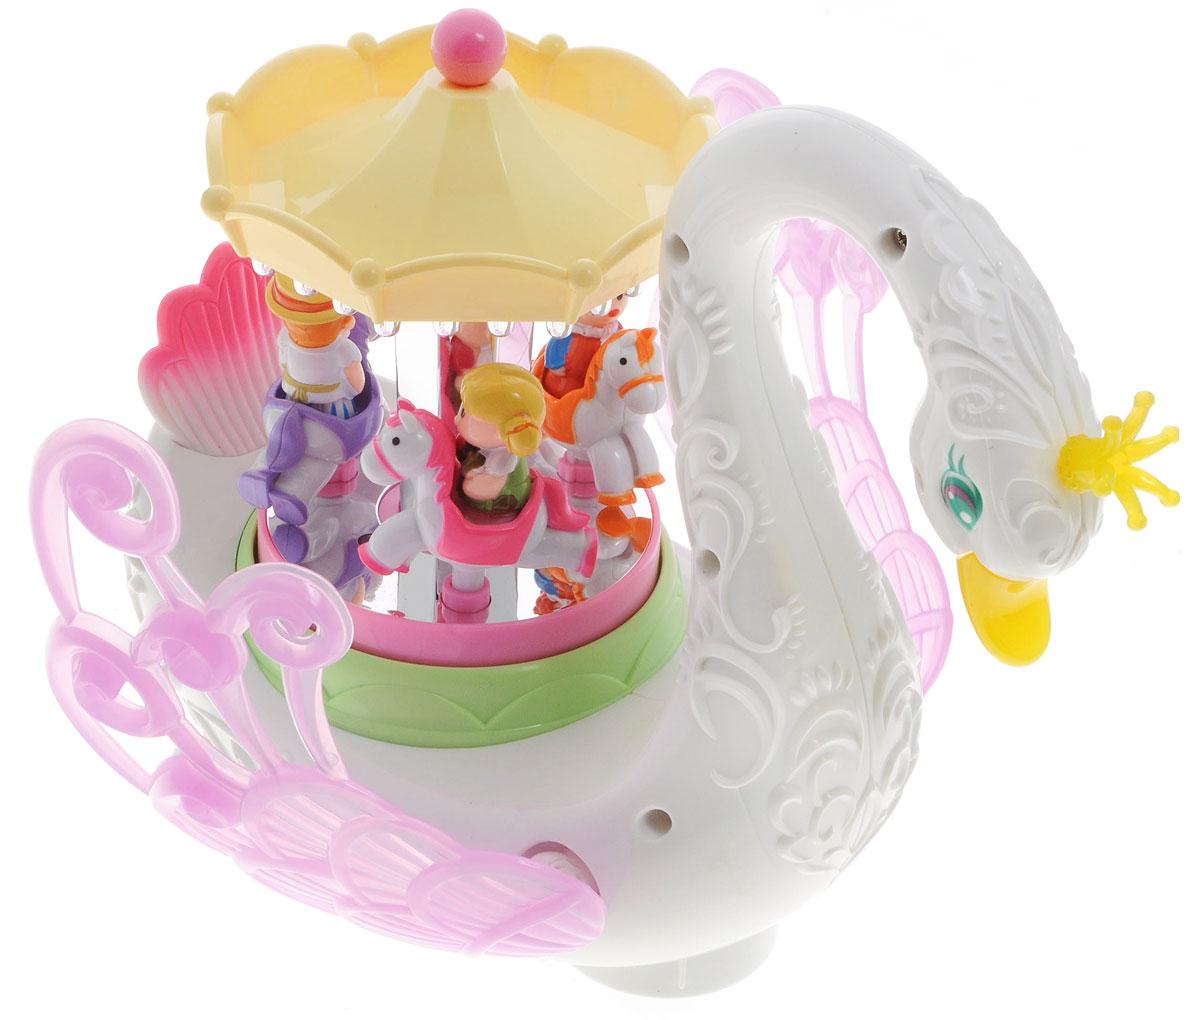 Huile Toys Развивающая игрушка Карусель Лебединый рай536Развивающая игрушка Huile Toys Карусель. Лебединый рай со звуковыми и световыми эффектами позволит ребенку погрузиться в мир сказок и поможет развить воображение. Игрушка развивает такие навыки как цветовосприятие и восприятие звуков. Фигурки на карусели движутся вверх и вниз, карусель вращается, крылья лебедя опускаются и поднимаются. Лебедь меняет направление движения при столкновении с препятствиями, корона и клюв лебедя излучают золотистый свет. Карусель изготовлена из качественных и безопасных материалов. Необходимо купить 3 батарейки напряжением 1,5V типа АА (не входят в комплект).